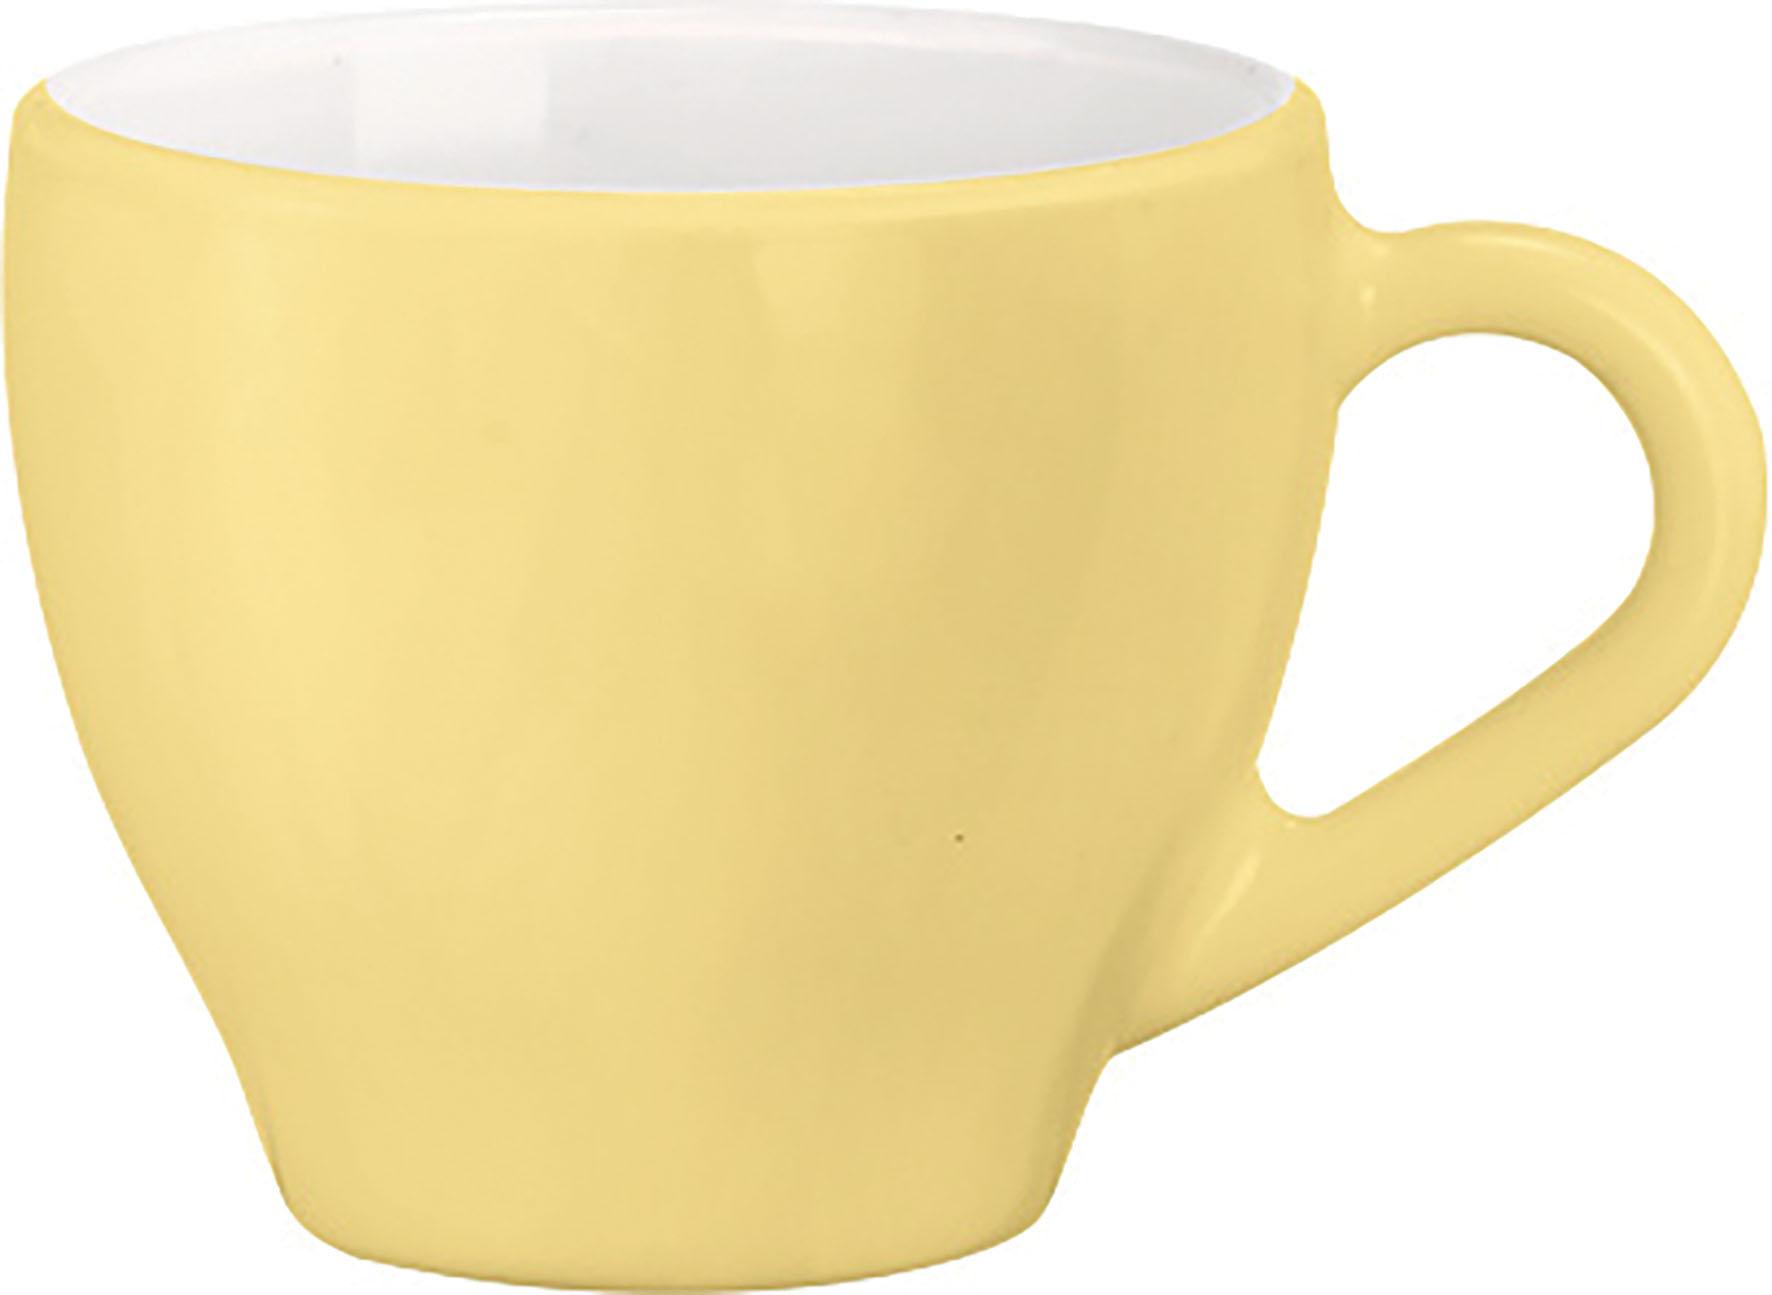 TAZZ CAFFE COL PALETTE GIALLO